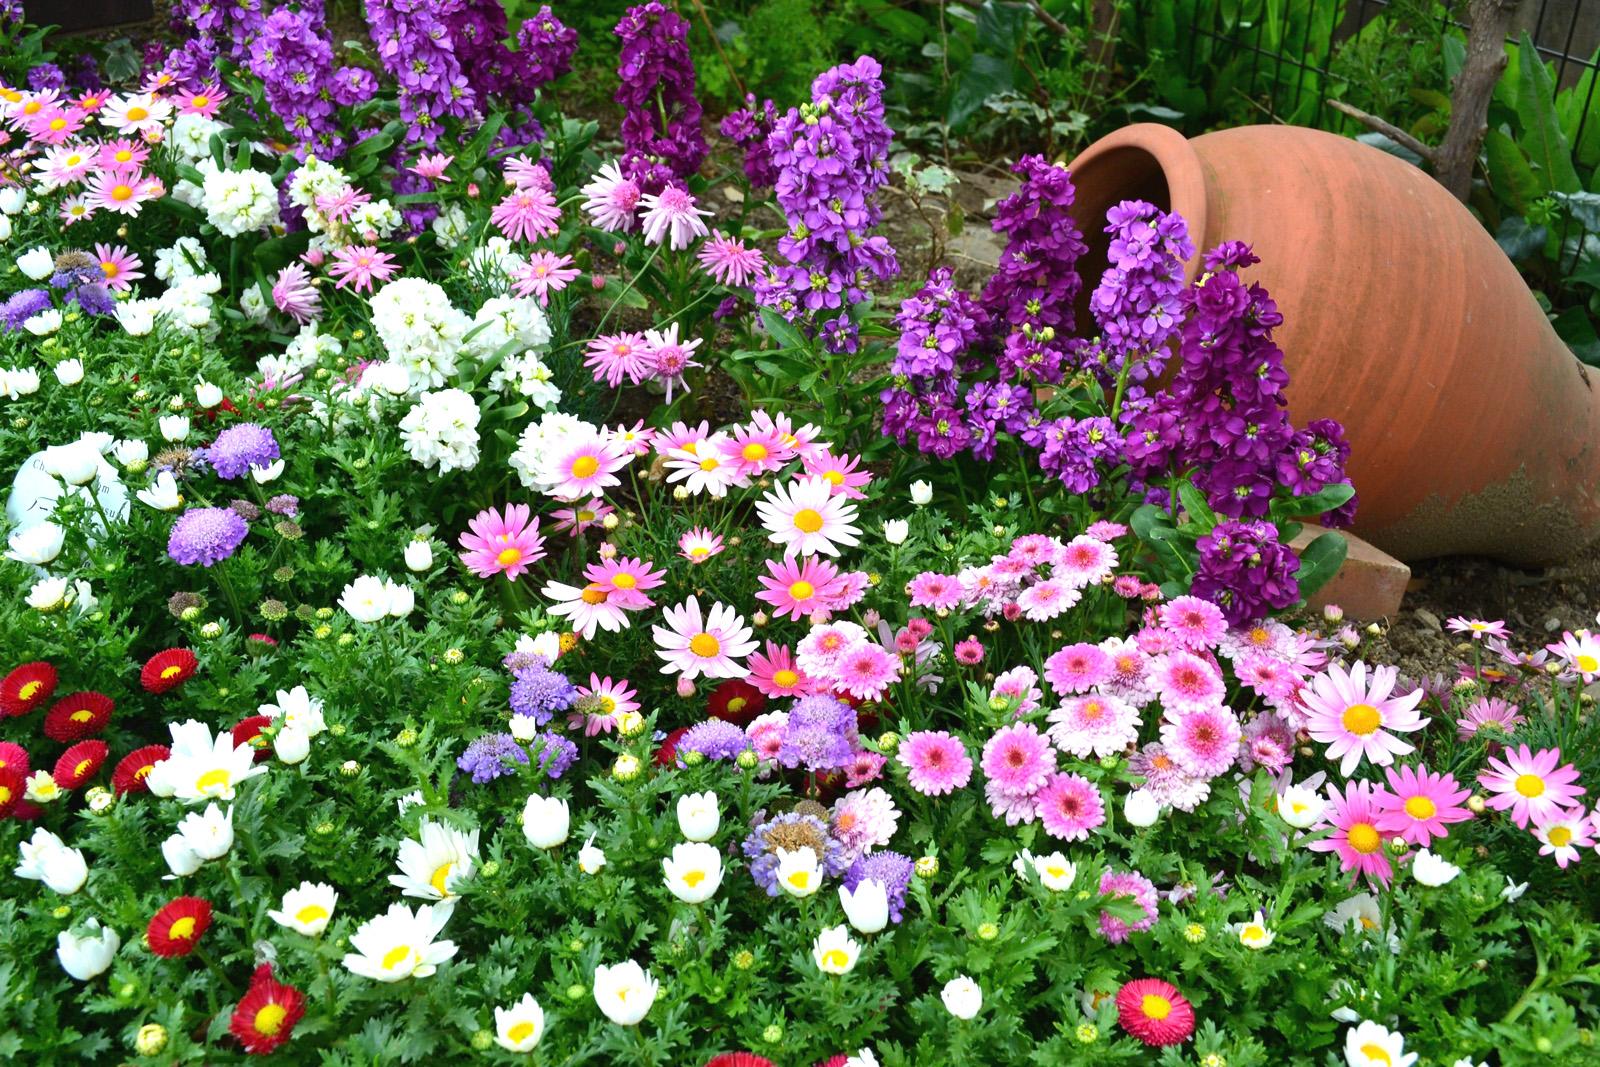 много цветов цветник вазон красивый сад